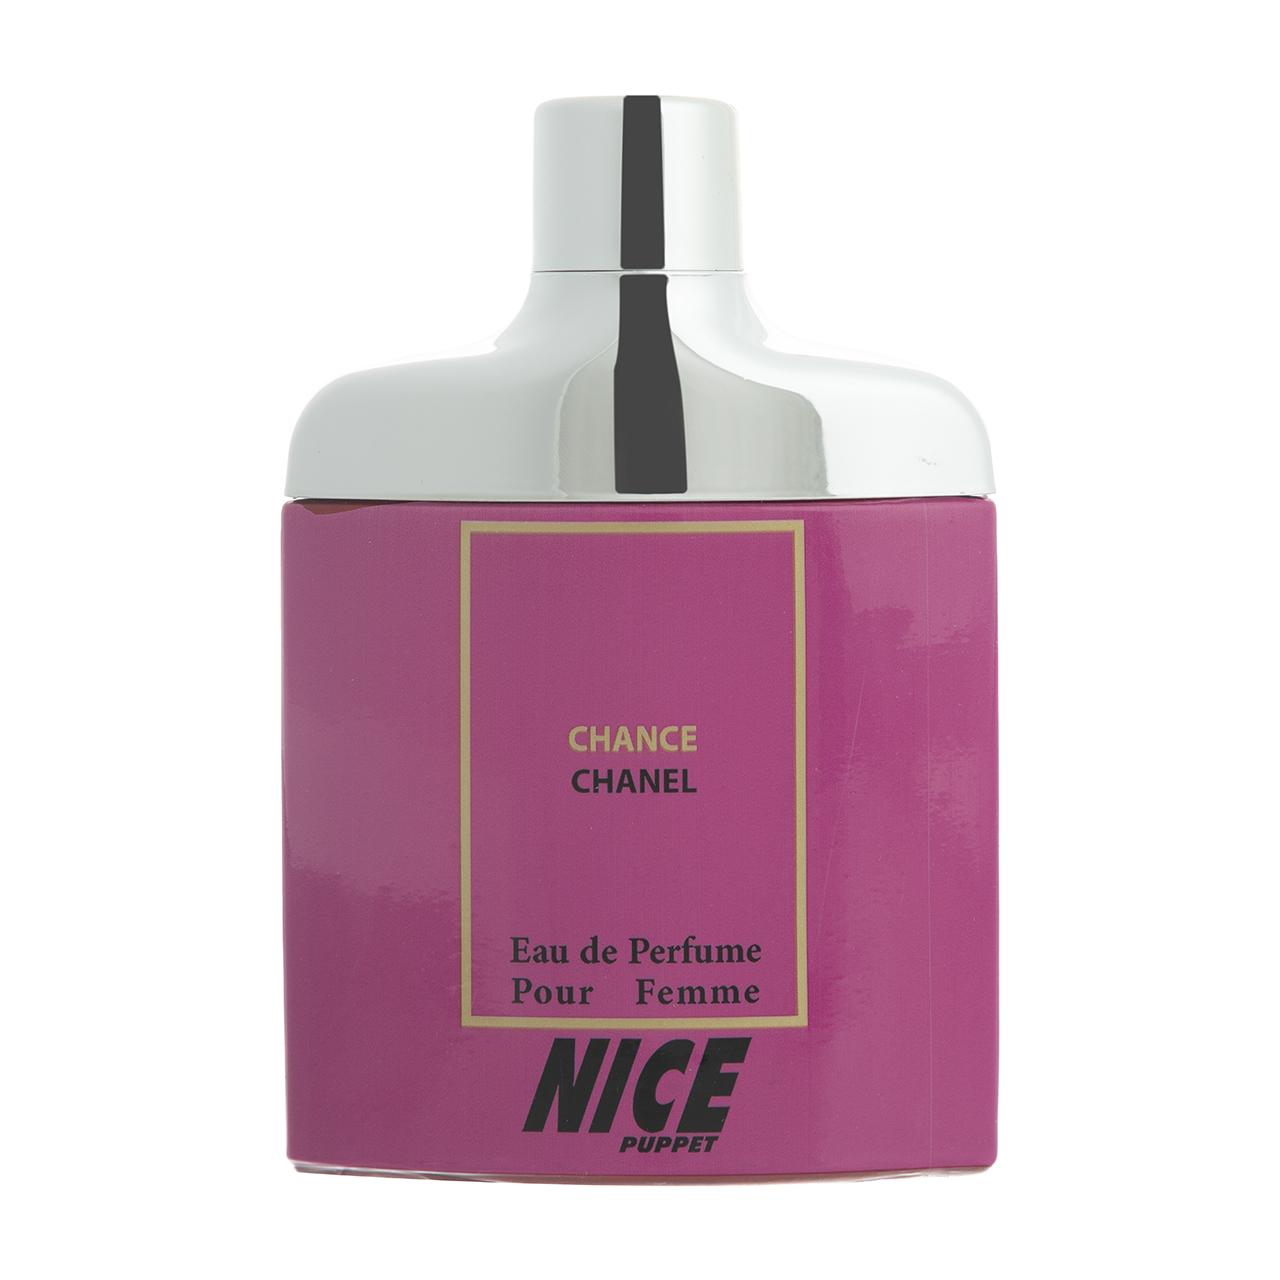 قیمت ادو پرفیوم زنانه نایس مدل Chanel Chance حجم 85 میلی لیتر